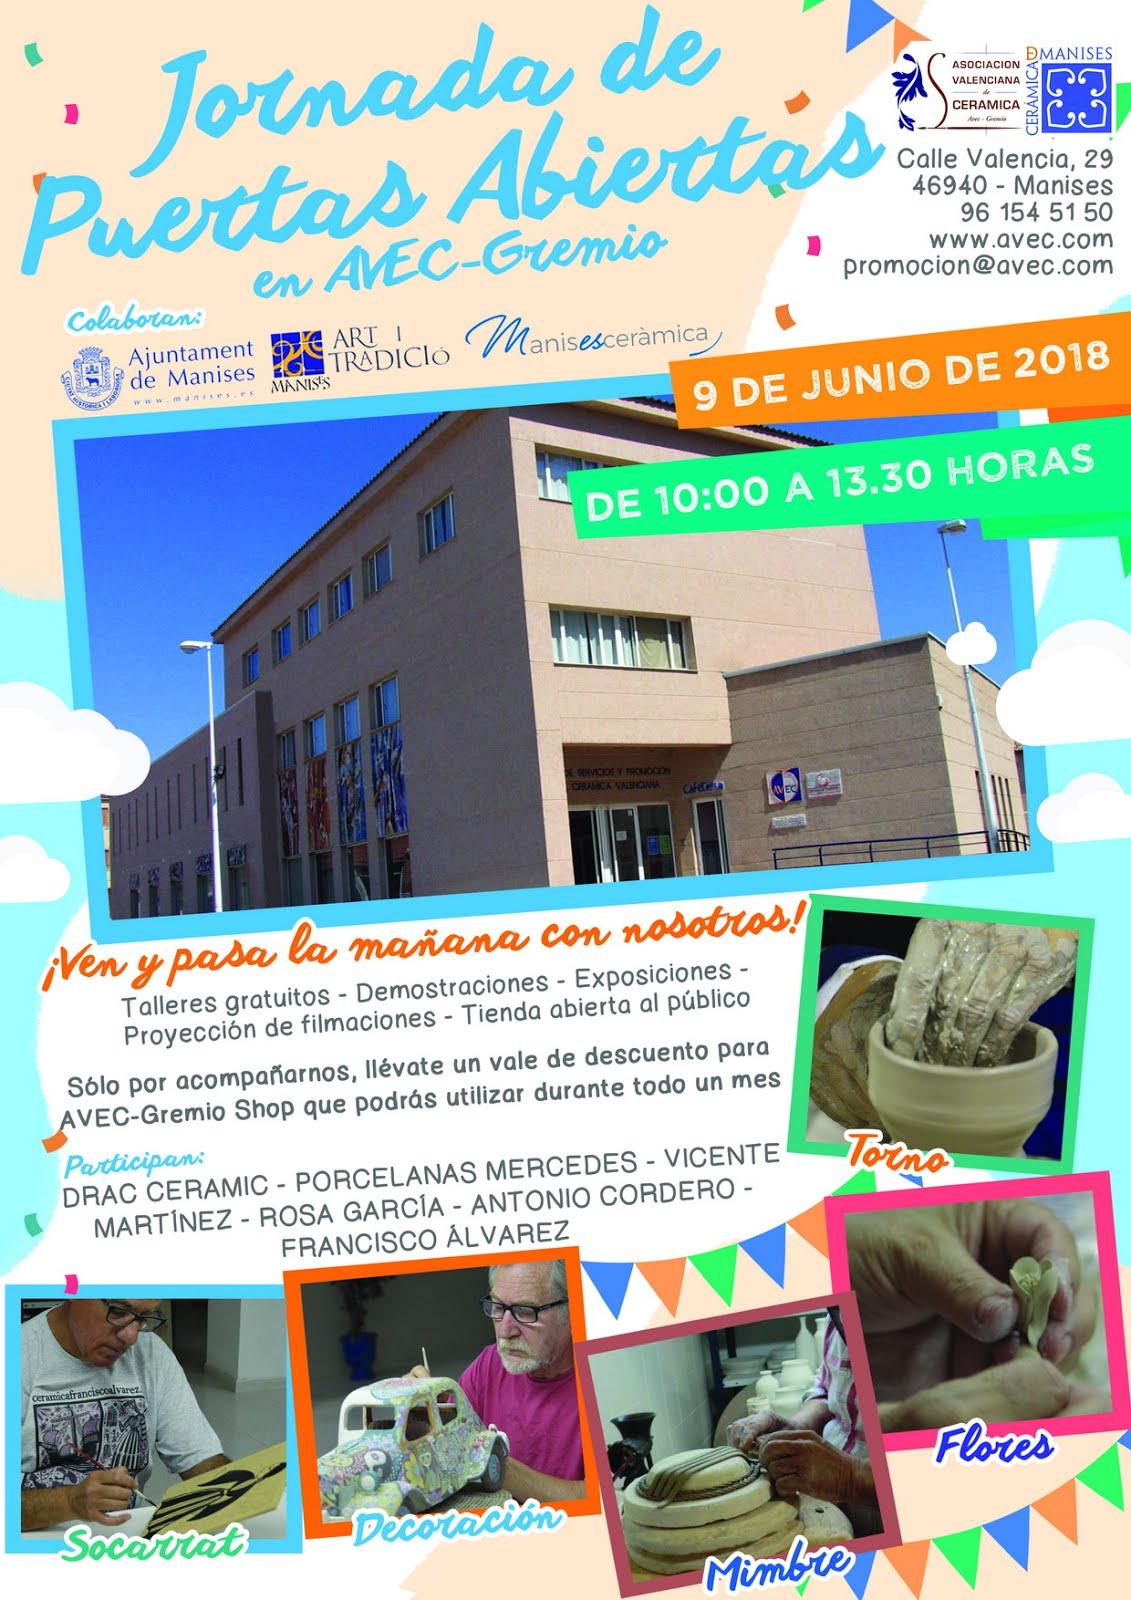 09.06.18 JORNADA DE PUERTAS ABIERTAS EN LOS DIFERENTES TALLERES DE MANISES